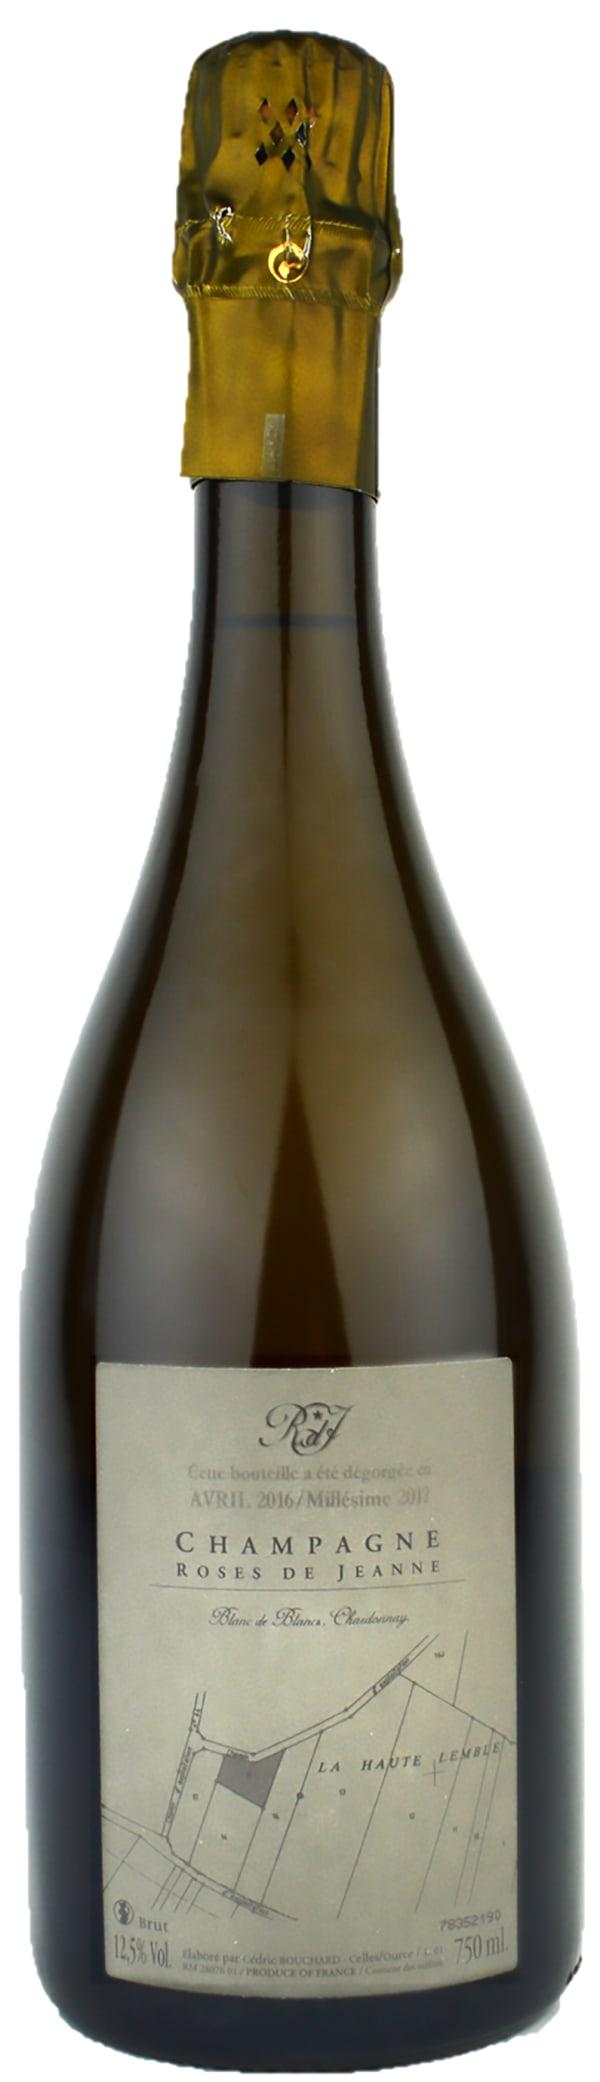 Roses de Jeanne La Haute Lemblè Blanc de Blancs Champagne Brut 2012